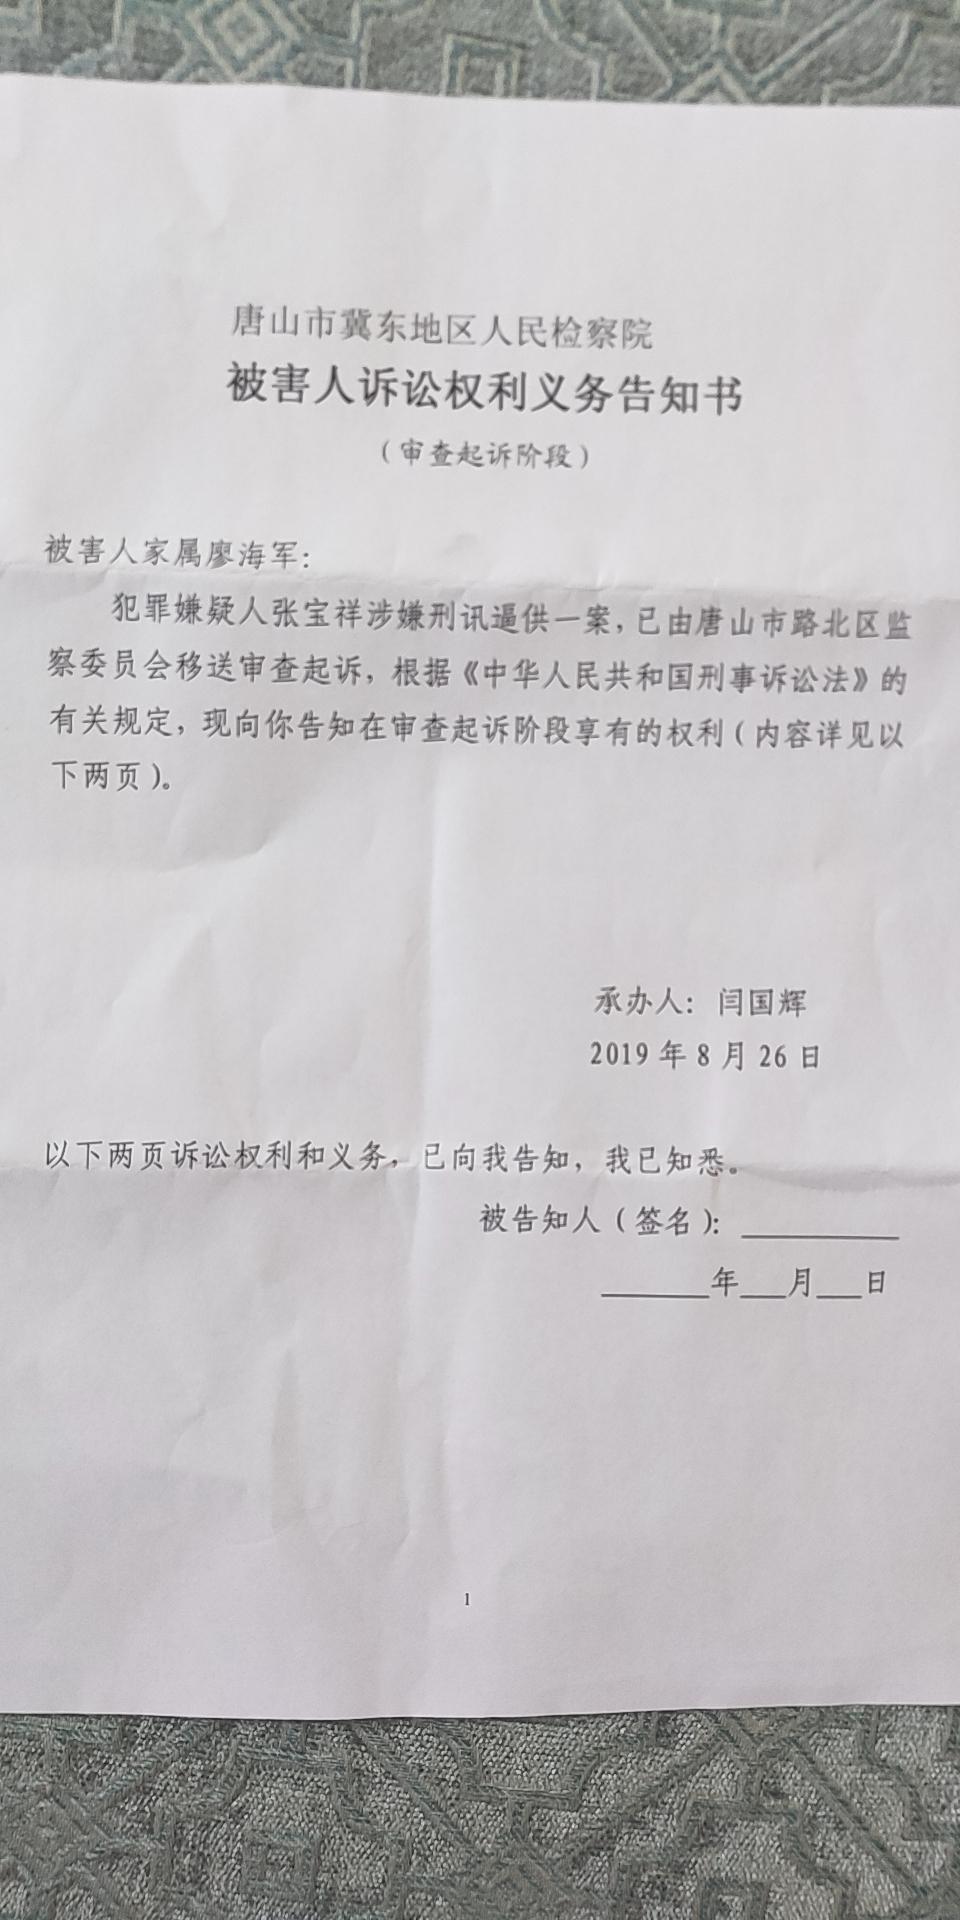 """唐山""""廖海军""""案办案警察涉嫌刑讯逼供,被移送审查起诉"""